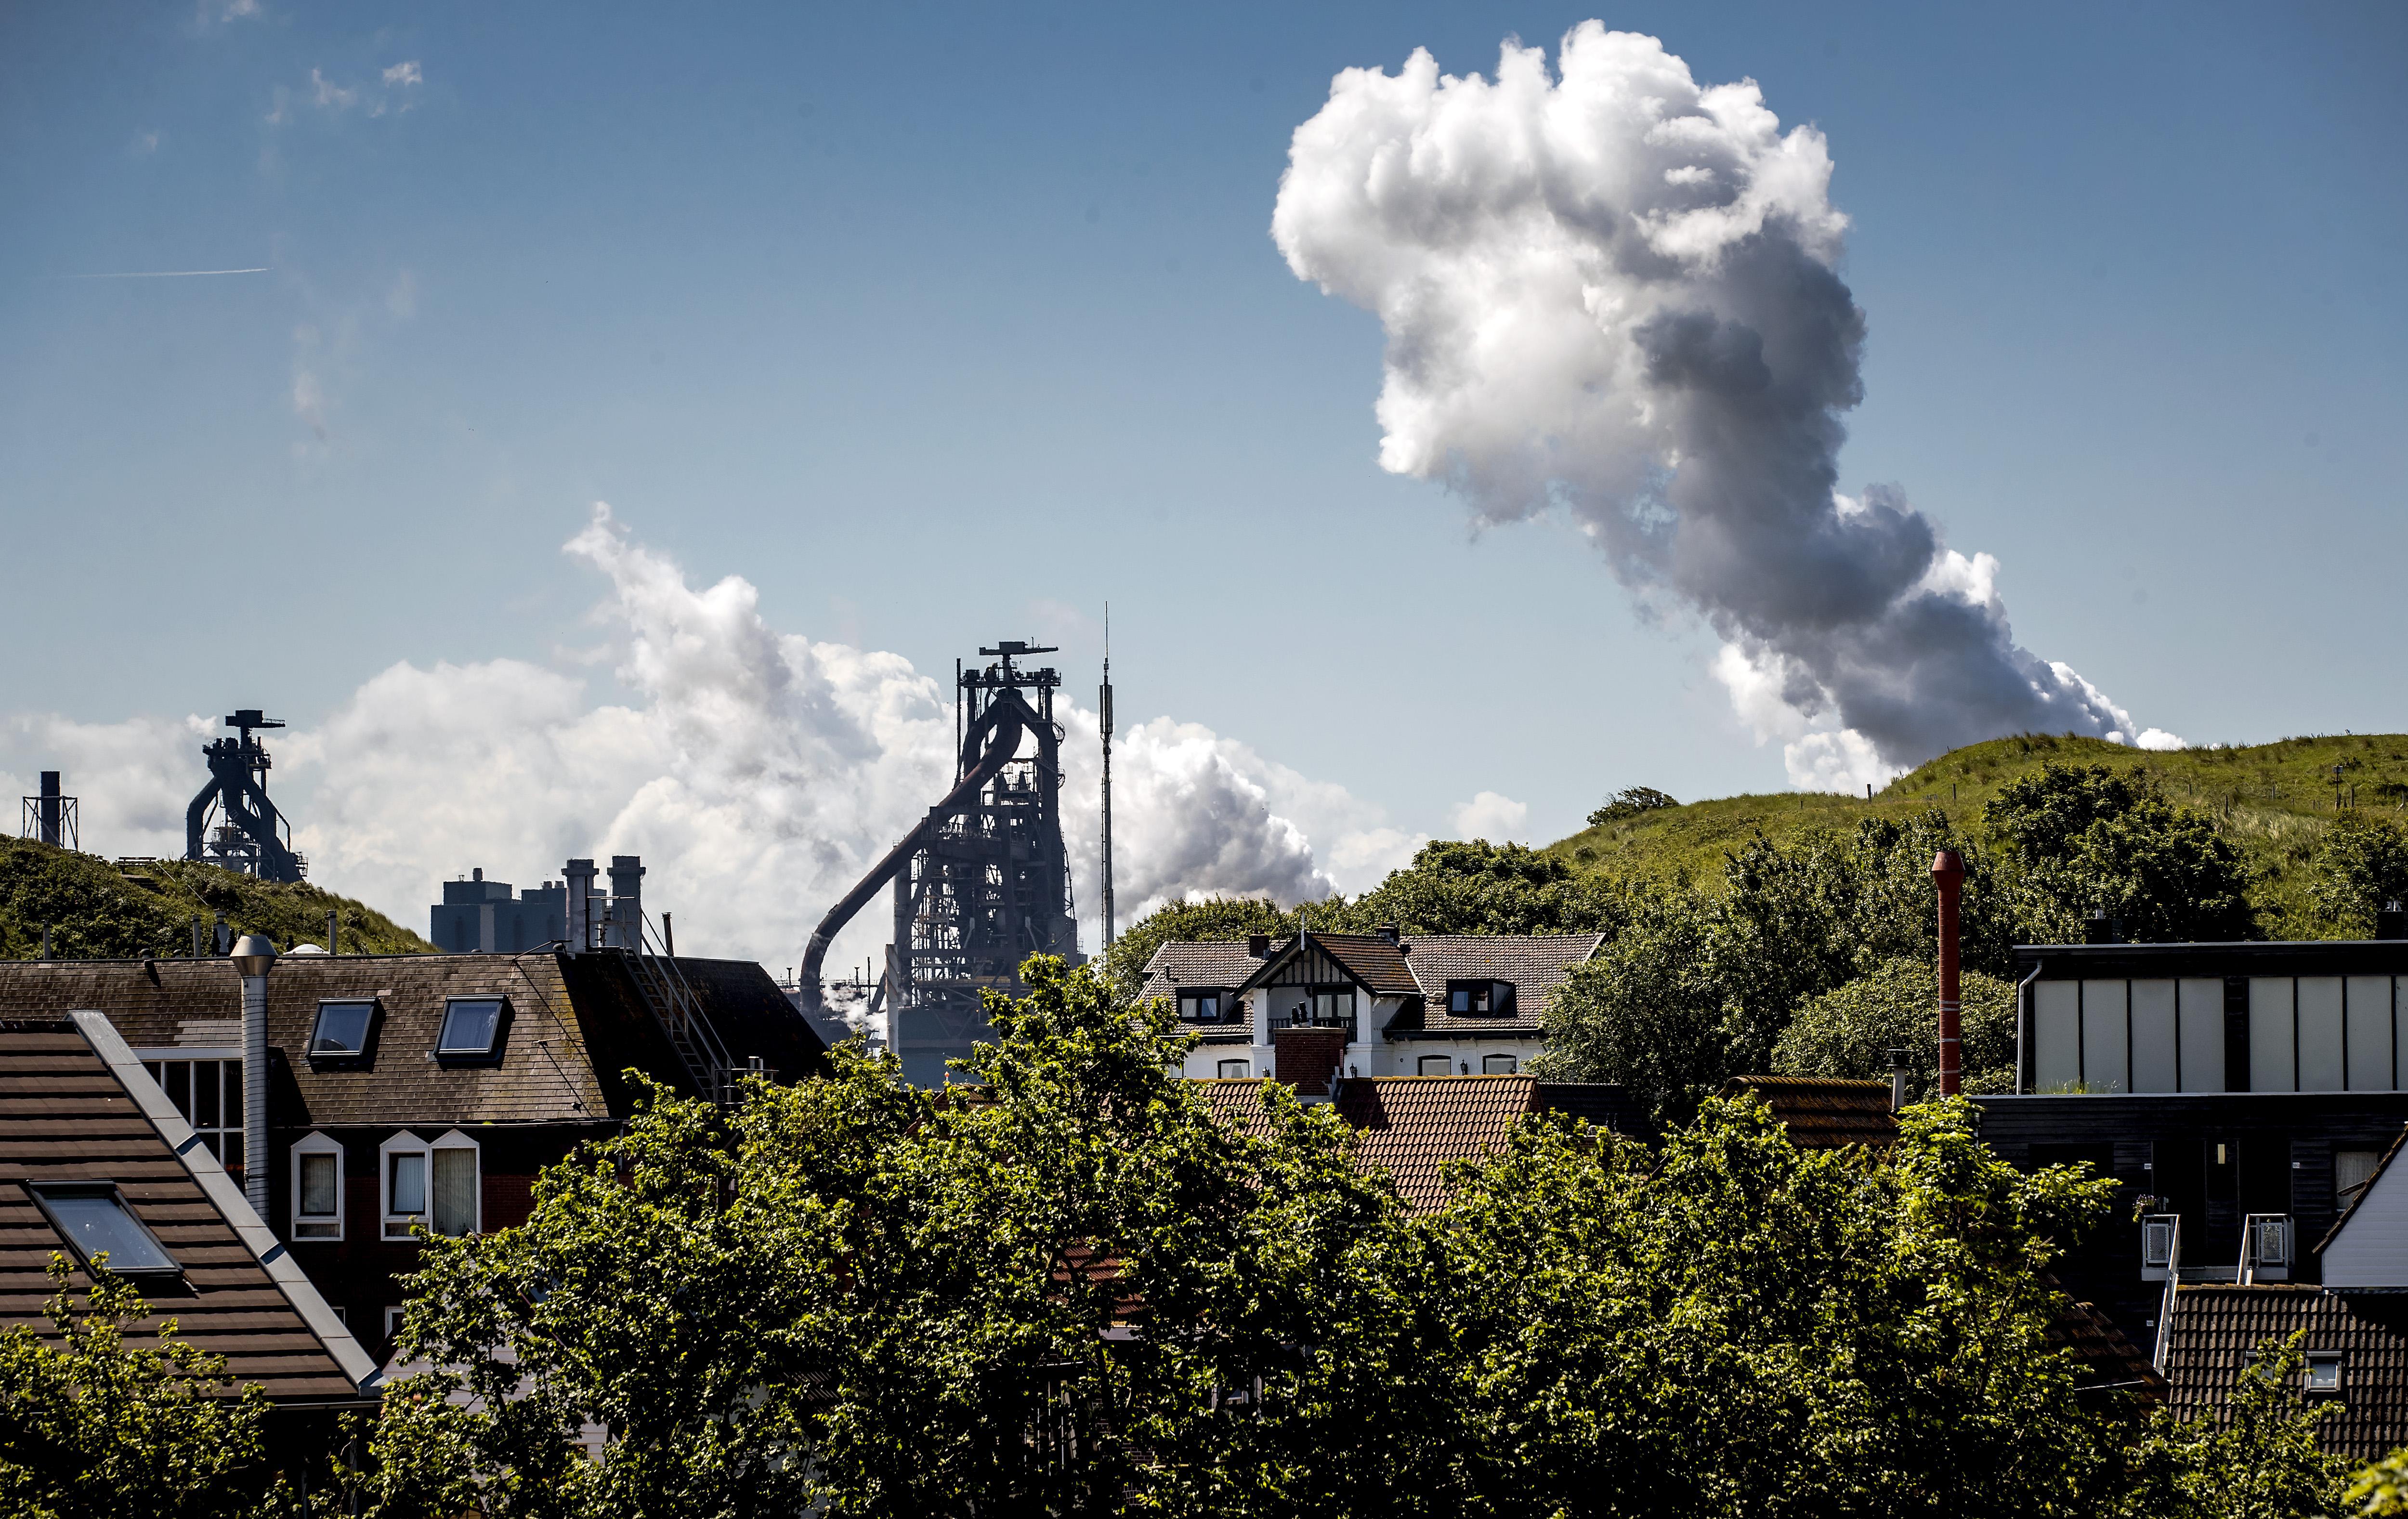 Opinie: Wijk aan Zee ergert zich aan leugens en halve waarheden rondom Tata Steel